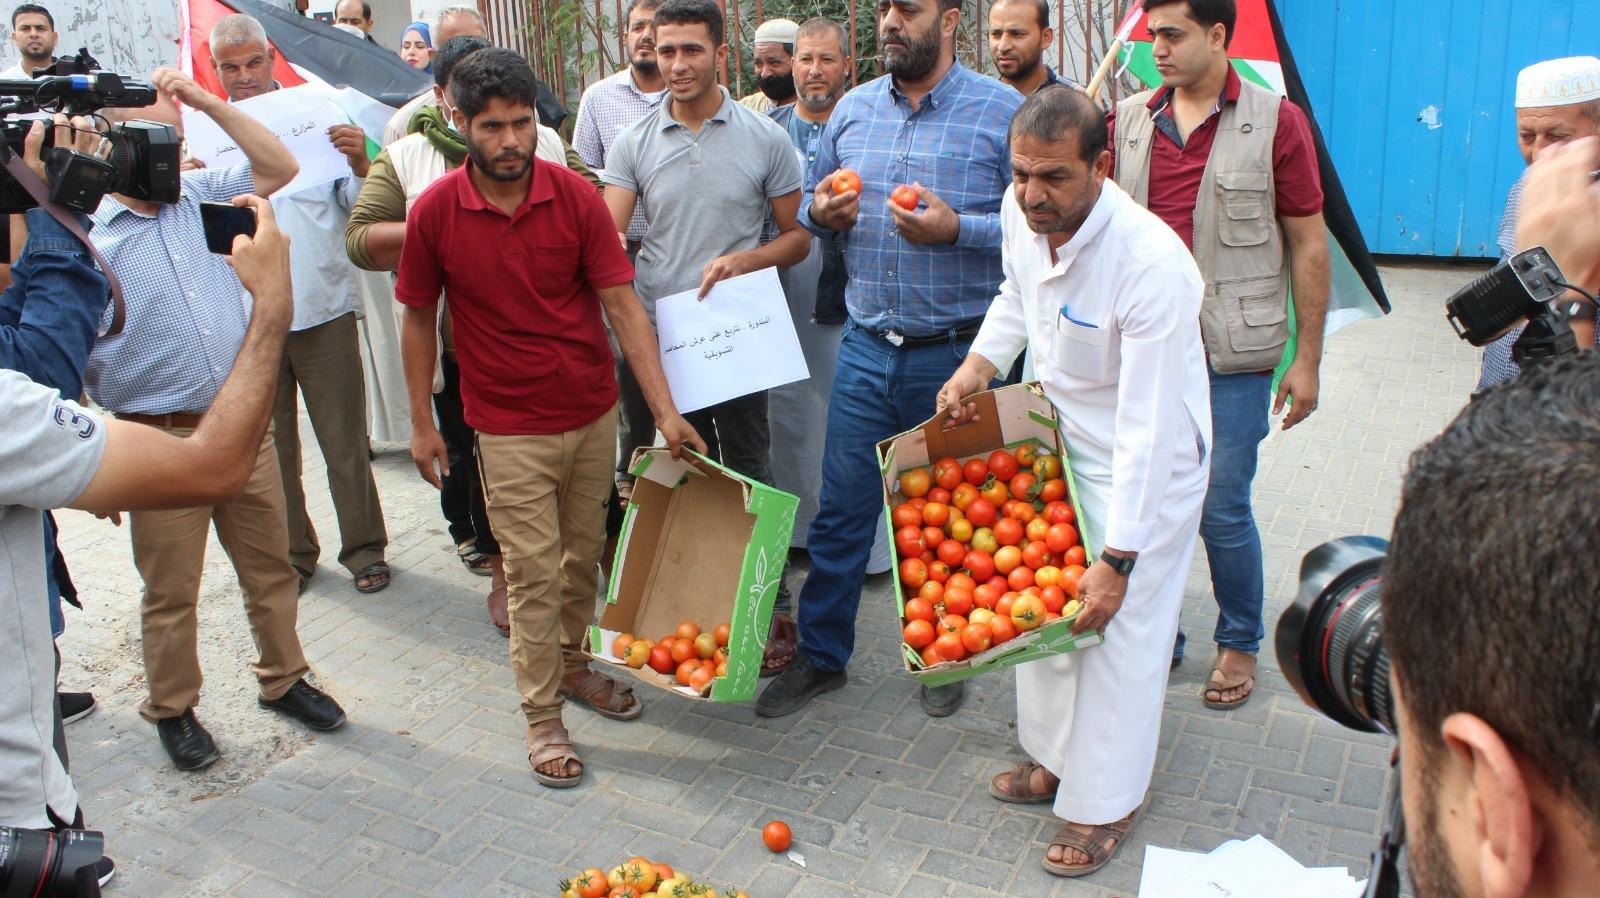 """المزارعون يحتجون على شروط الاحتلال """" لتصدير البندورة"""" في معبر """"كرم ابو سالم """""""